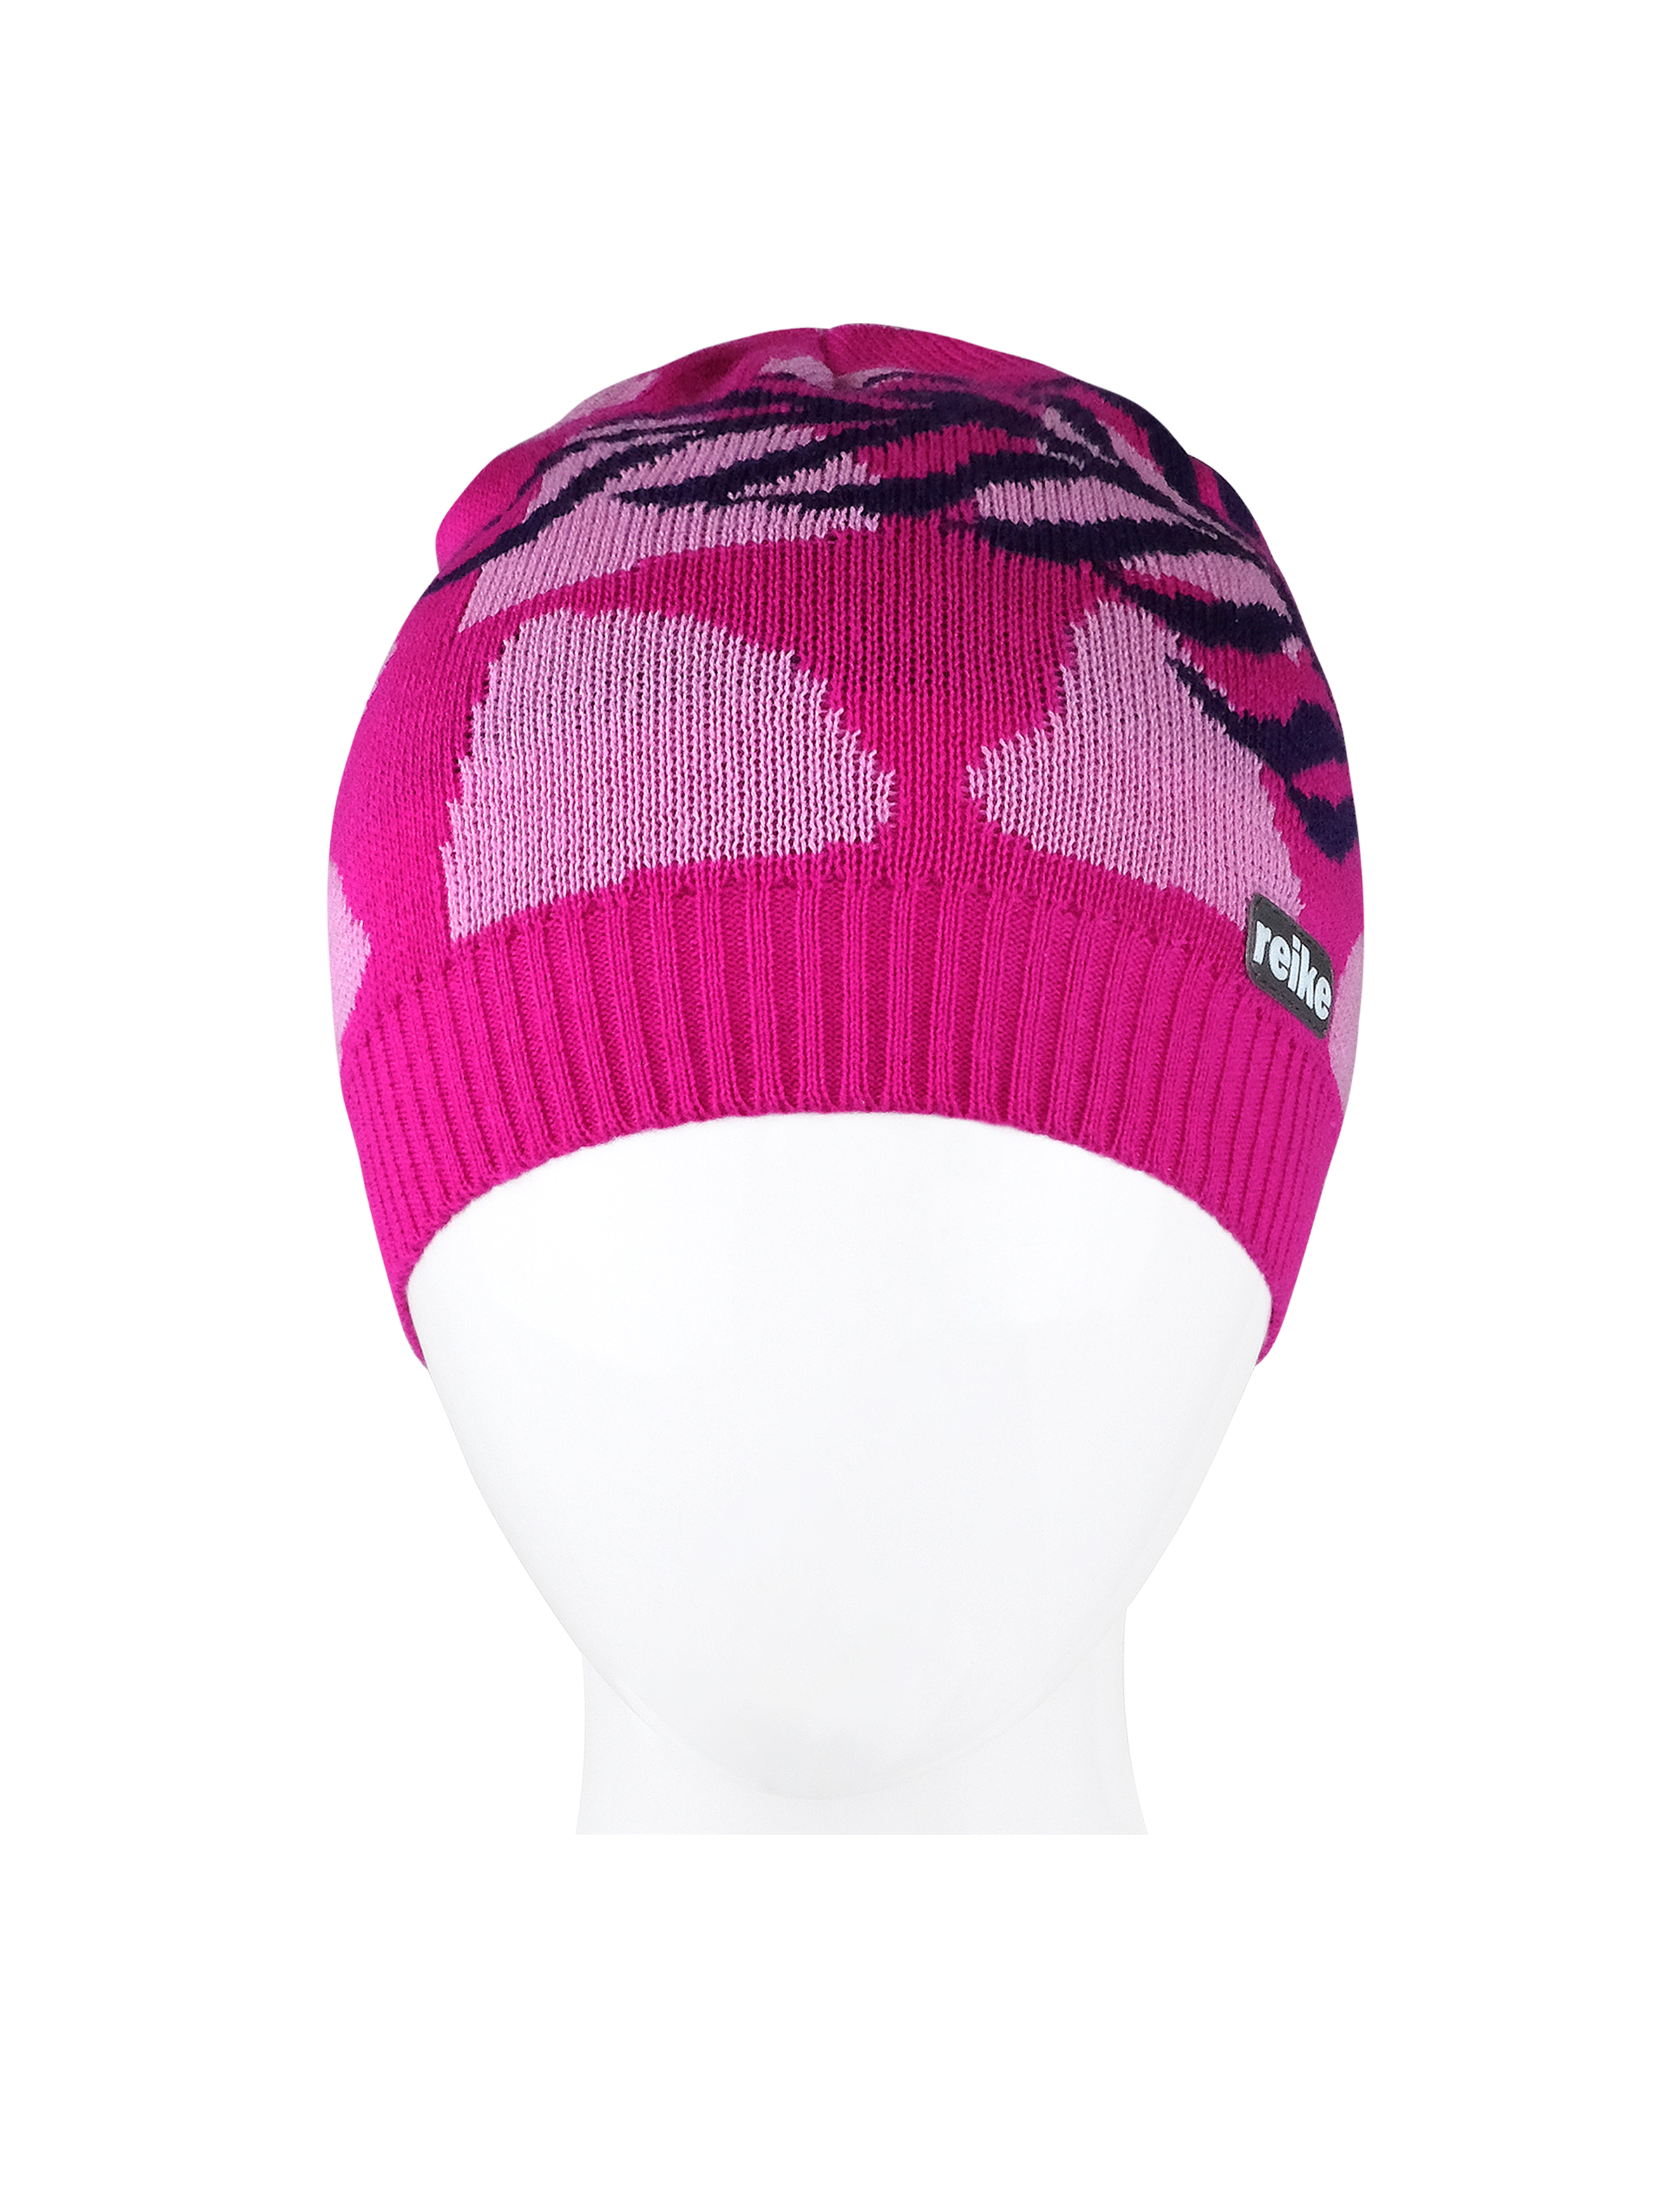 Купить Шапка для девочки Reike Fashion flamingo fuchsia, RKNSS20-FFL-YN-2 fuchsia, р.54,